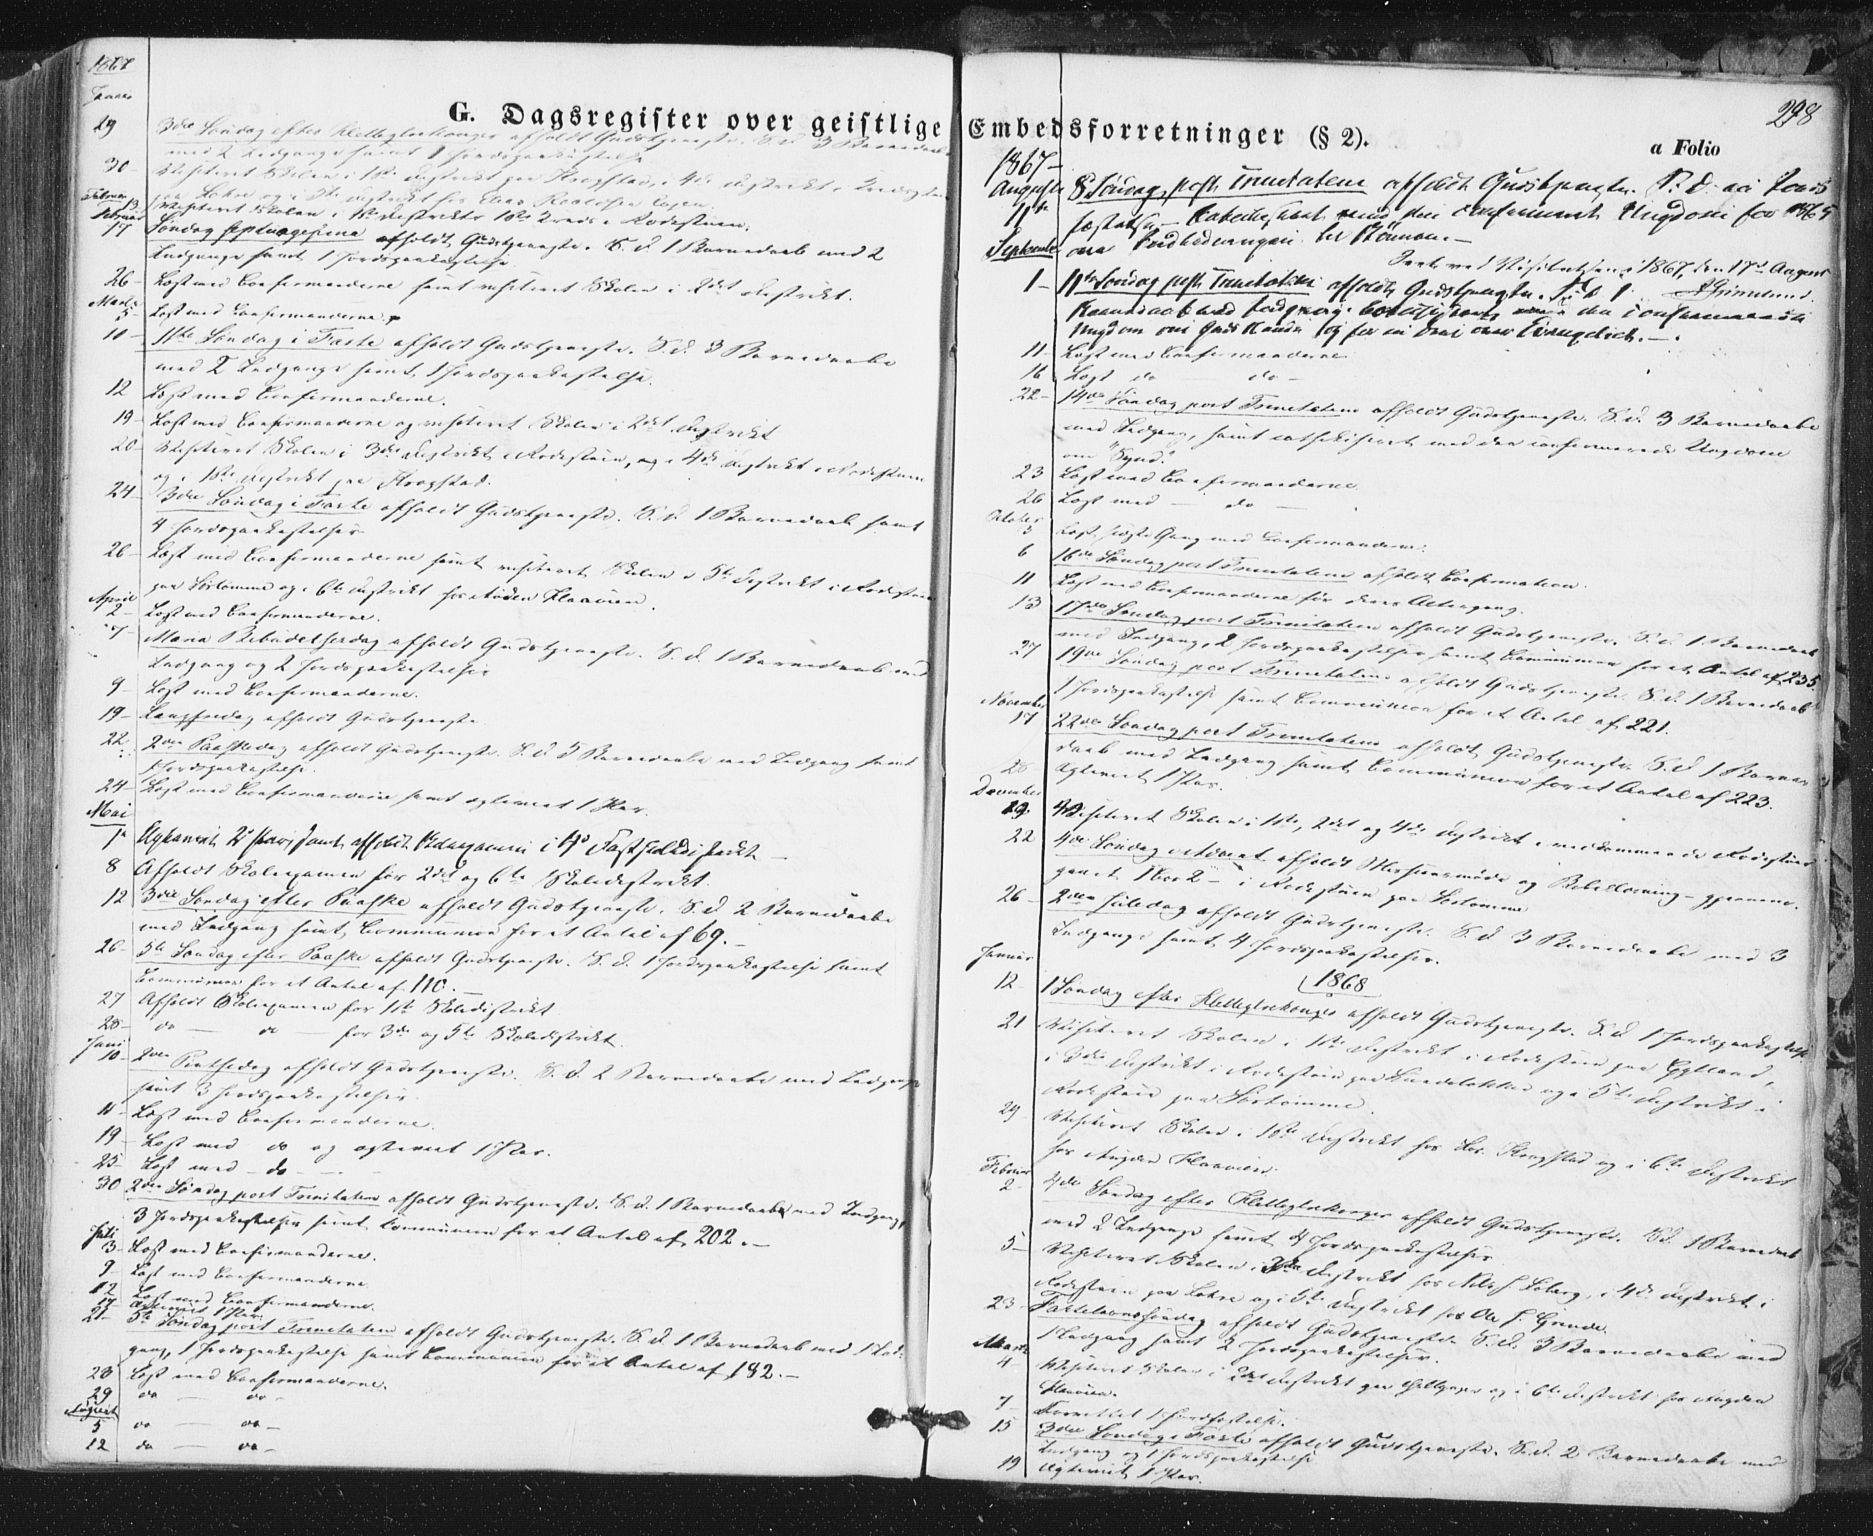 SAT, Ministerialprotokoller, klokkerbøker og fødselsregistre - Sør-Trøndelag, 692/L1103: Ministerialbok nr. 692A03, 1849-1870, s. 298